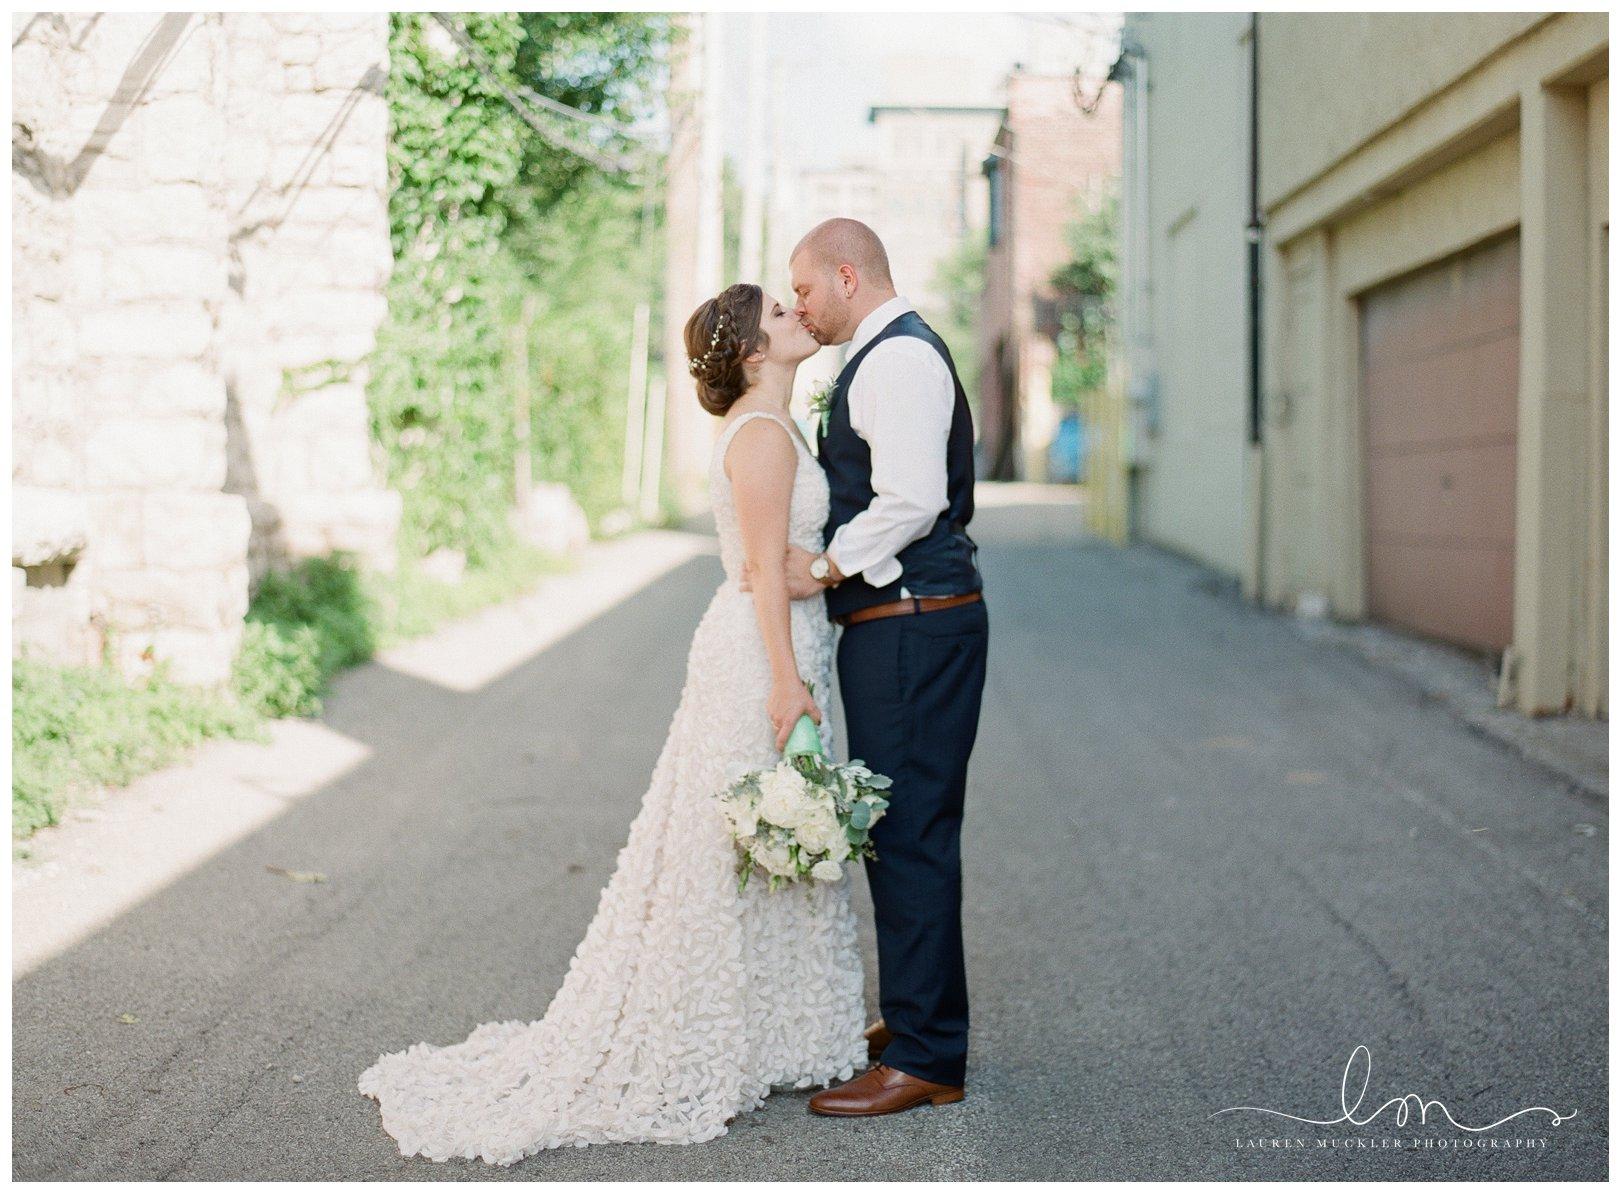 lauren muckler photography_fine art film wedding photography_st louis_photography_0555.jpg